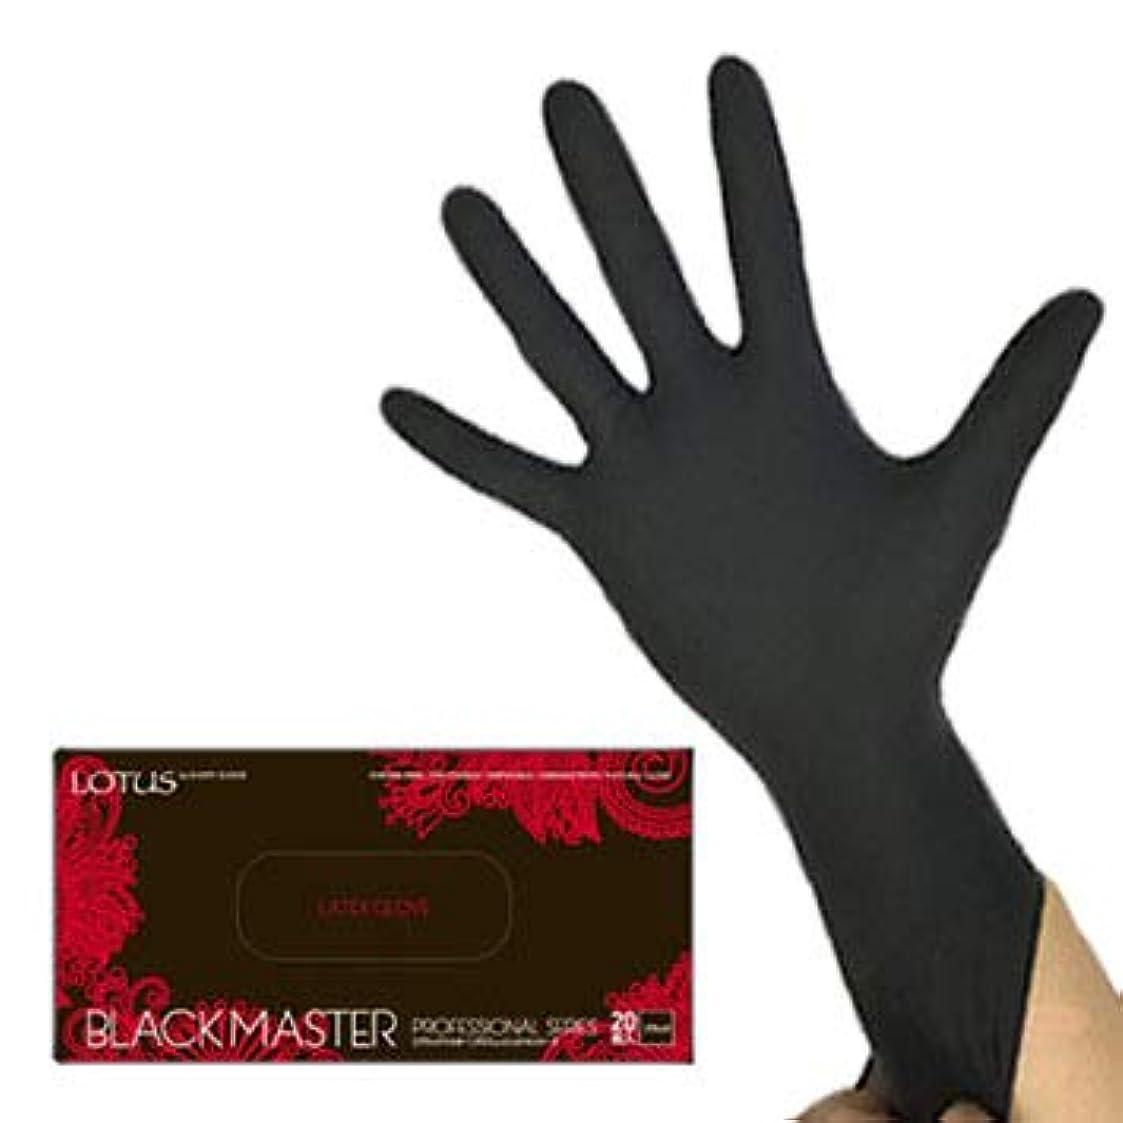 その結果縞模様の干渉する(ロータス)LOTUS ブラックマスターレッド (ラテックス グローブ ロングタイプ 29cm 厚手 左右兼用 20枚入) (L)